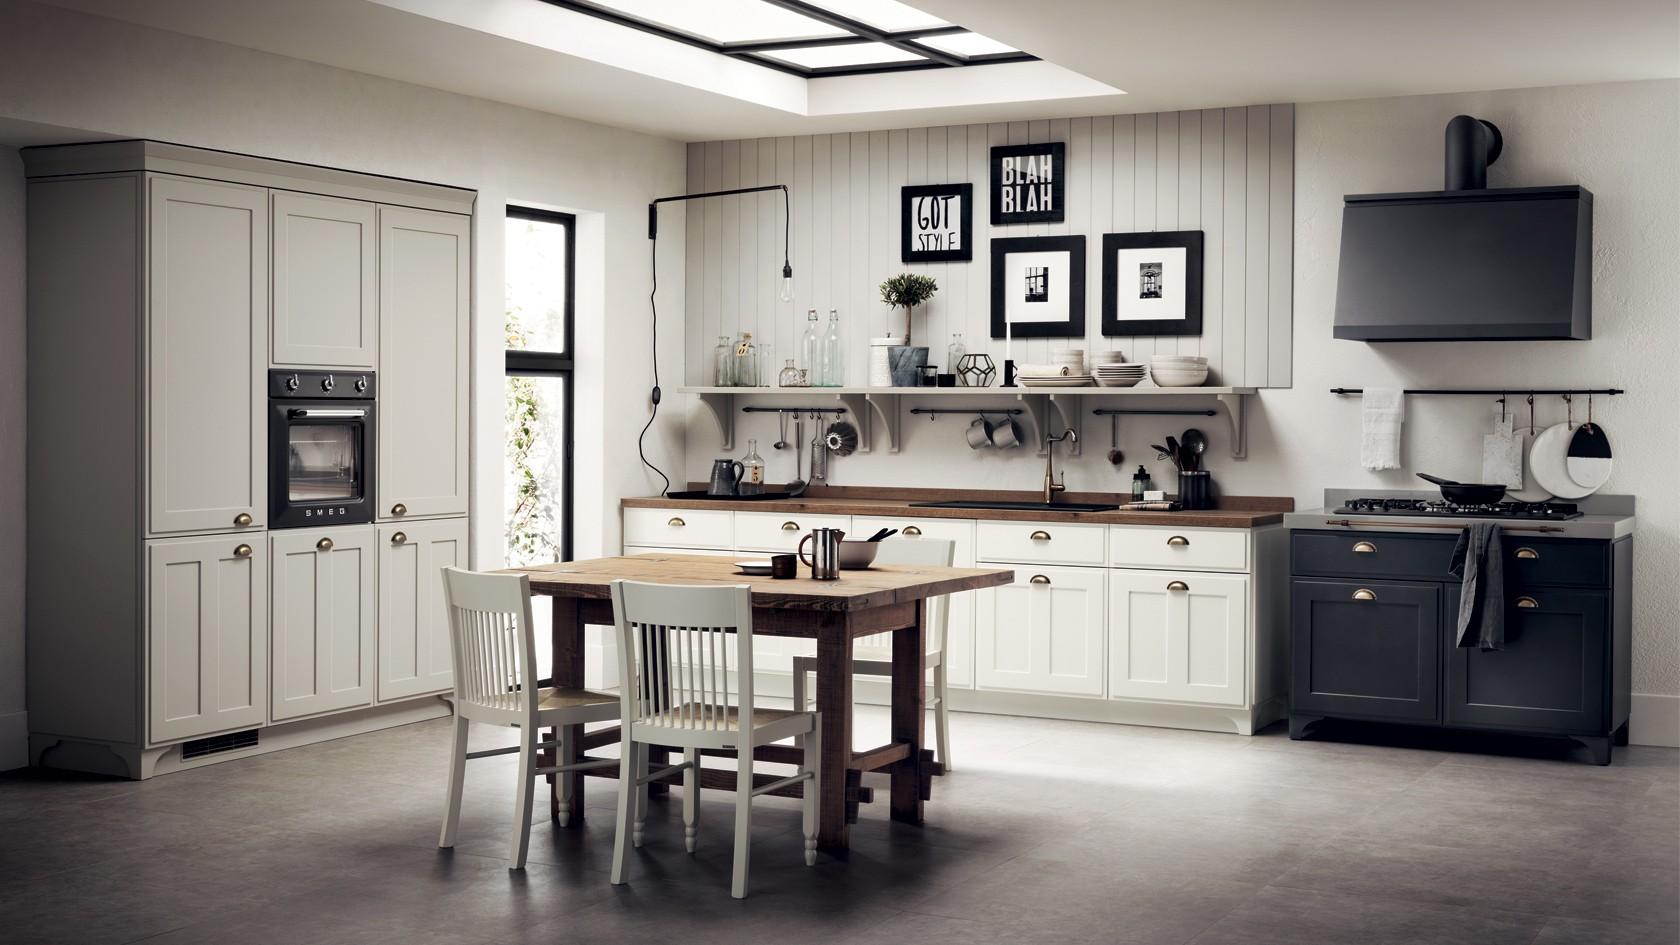 ديكورات مطابخ إيطاليه-وحدات المطبخ